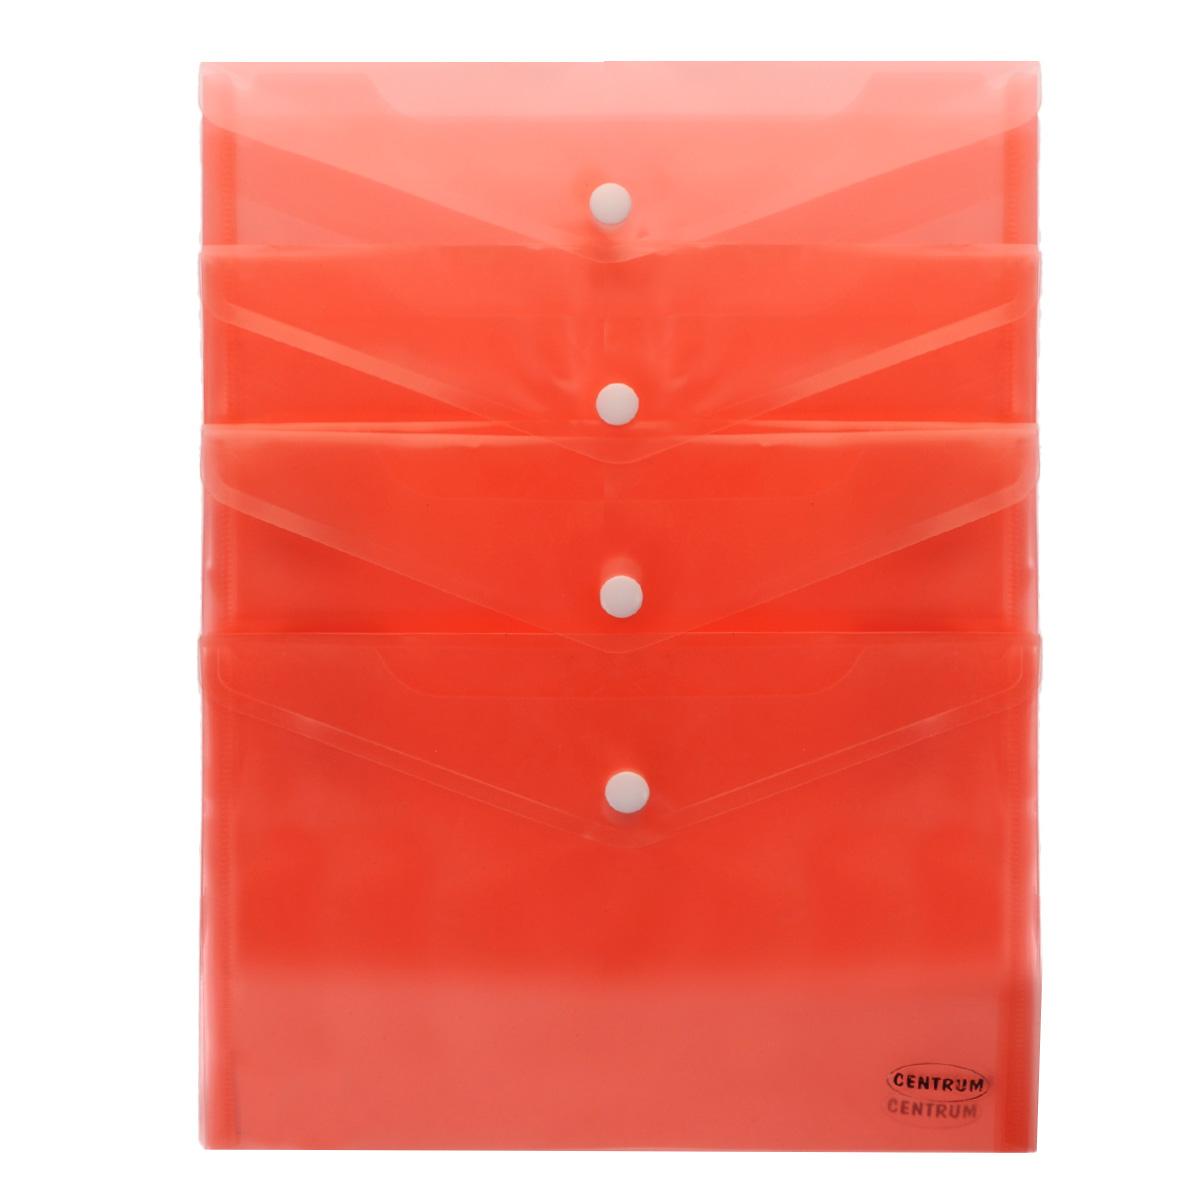 Папка-конверт на кнопке Centrum, цвет: красный. Формат А5, 12 шт80625_красныйПапка-конверт Centrum - это удобный и практичный офисный инструмент, предназначенный для хранения и транспортировки рабочих бумаг и документов формата А5. Папка изготовлена из полупрозрачного глянцевого пластика. В комплект входят 12 папок формата А5. Папка-конверт - это незаменимый атрибут для студента, школьника, офисного работника. Такая папка надежно сохранит ваши документы и сбережет их от повреждений, пыли и влаги.